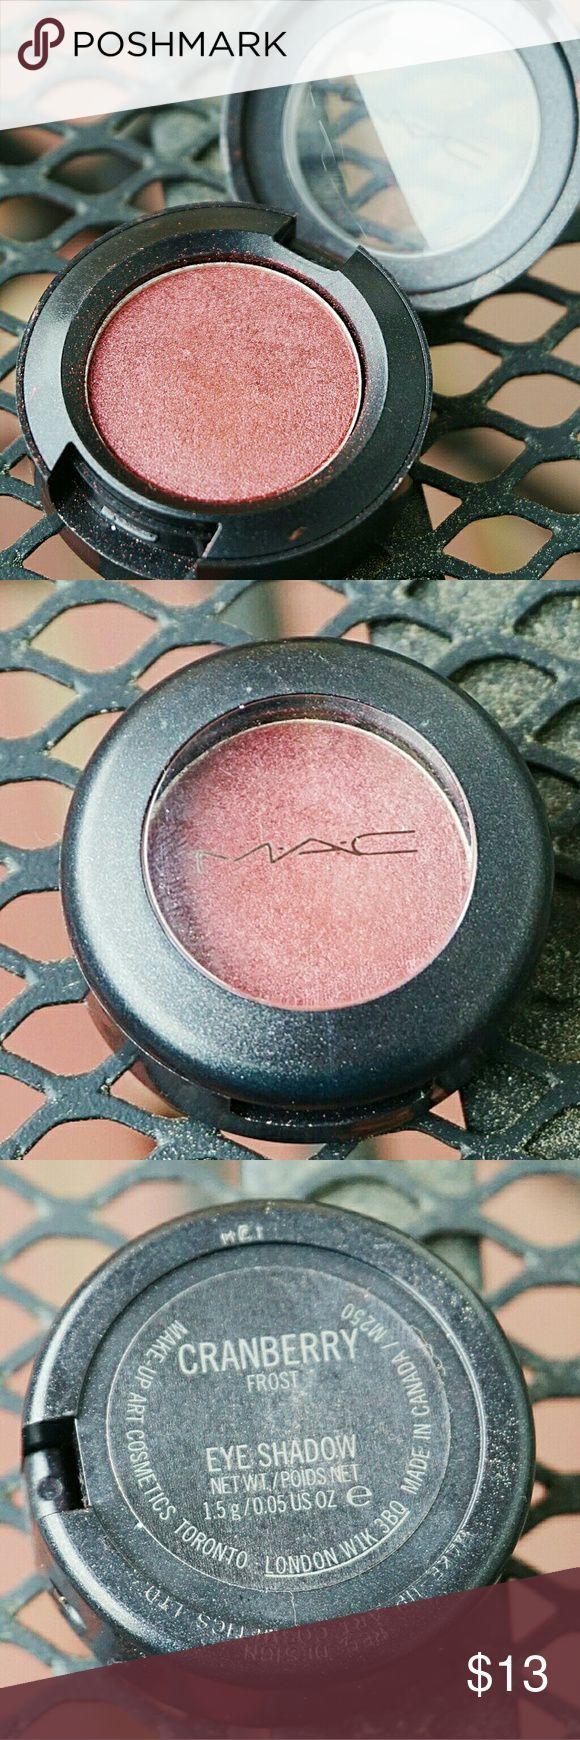 Cranberry Eyeshadow: 17 Best Ideas About Mac Cranberry On Pinterest